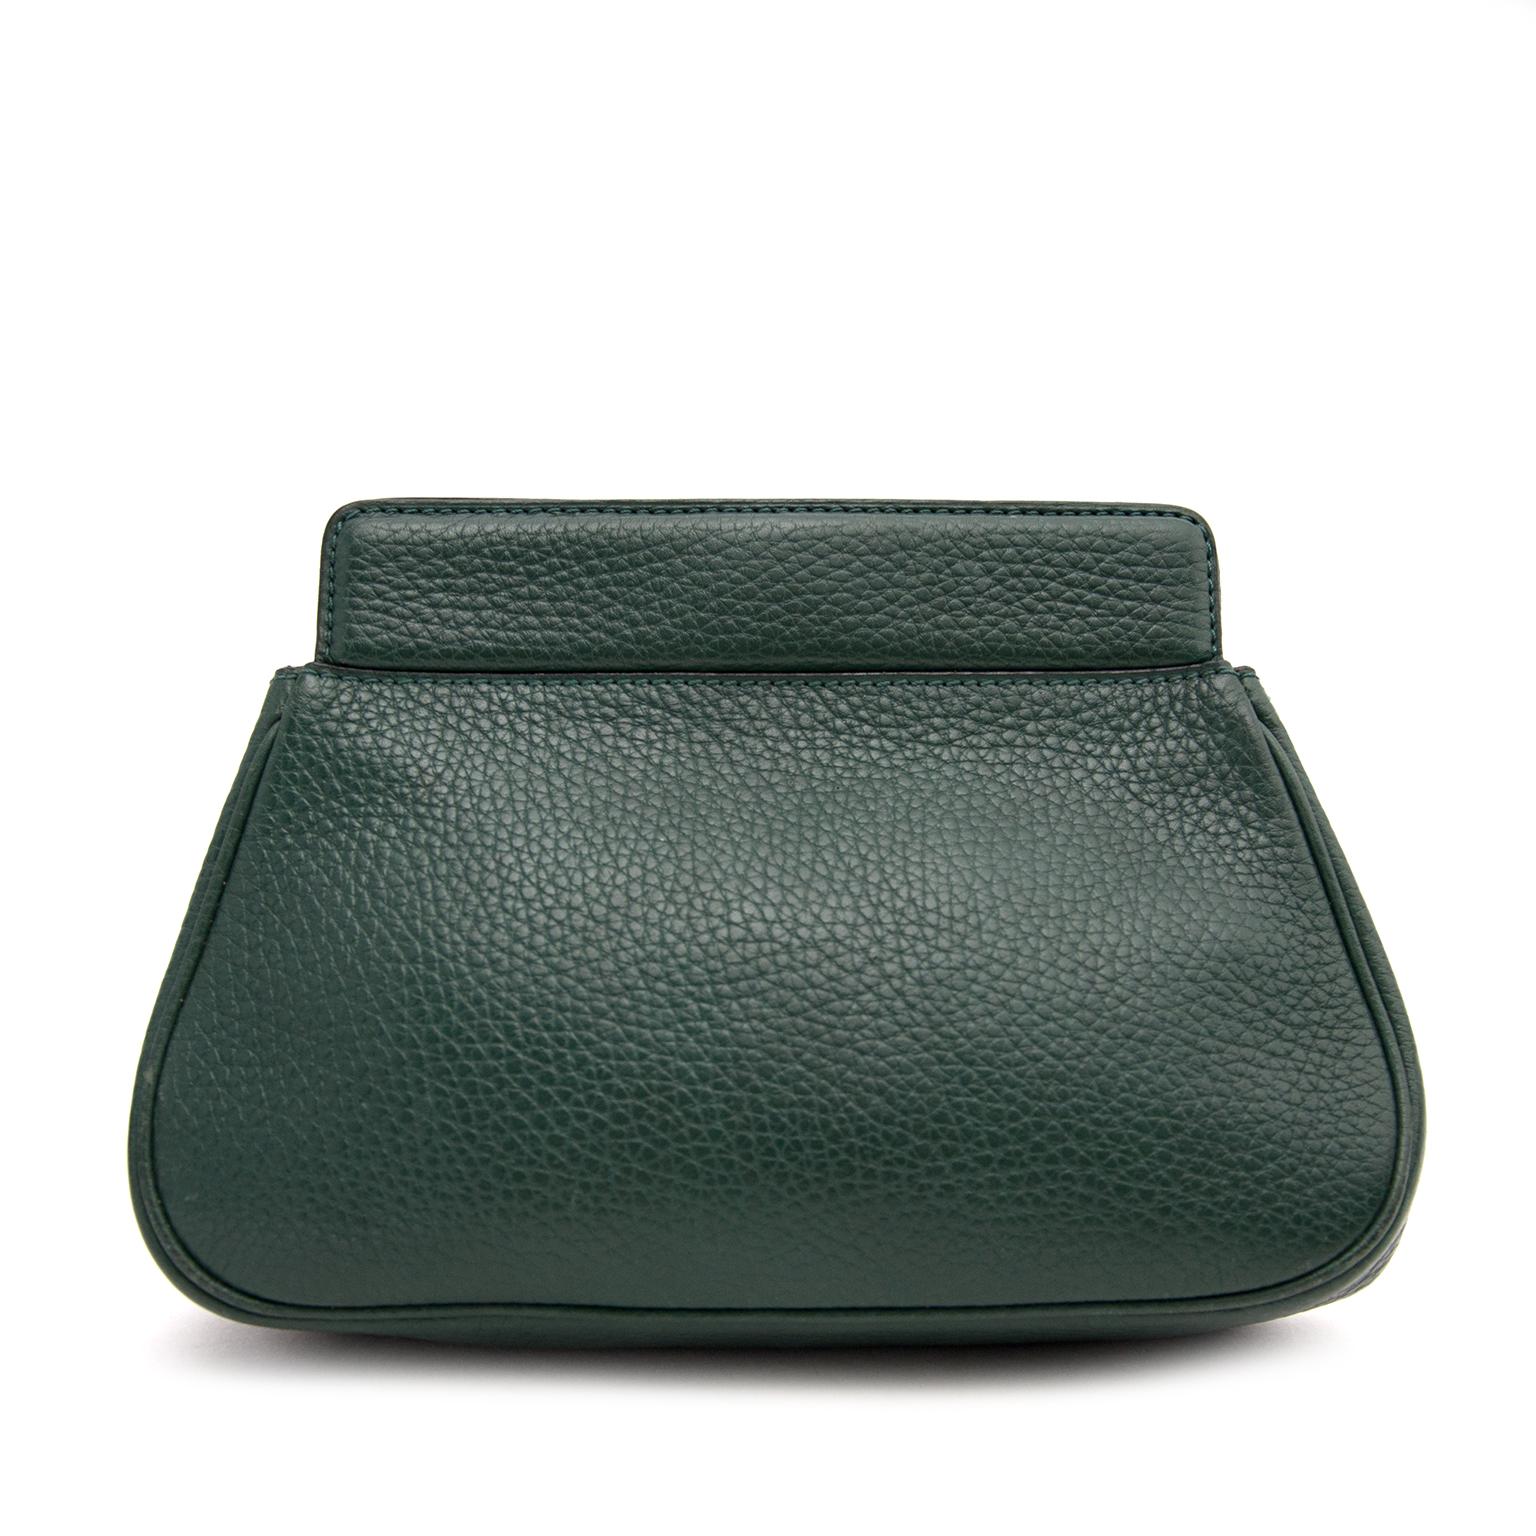 Acheter secur en ligne votre pochette en cuir vert pour le meilleur prix avec Labellov